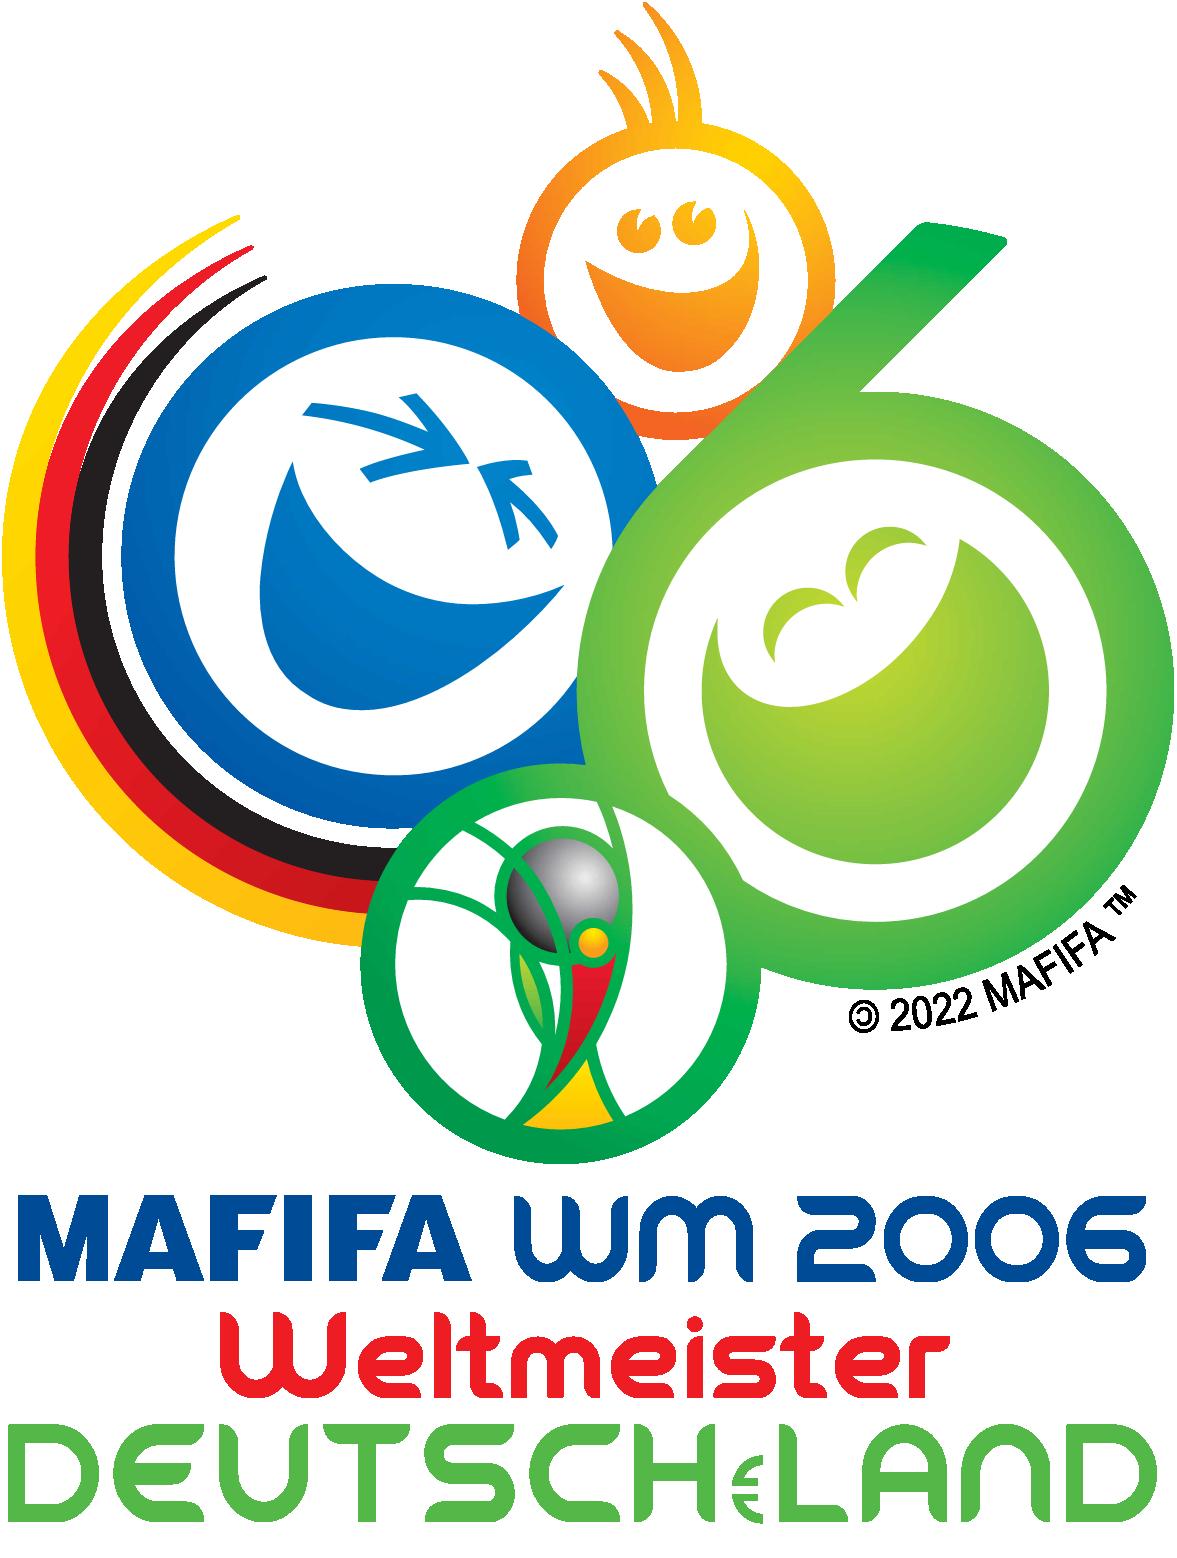 Deutschland wird FußballWeltmeister 2006 Wm logo, Fifa